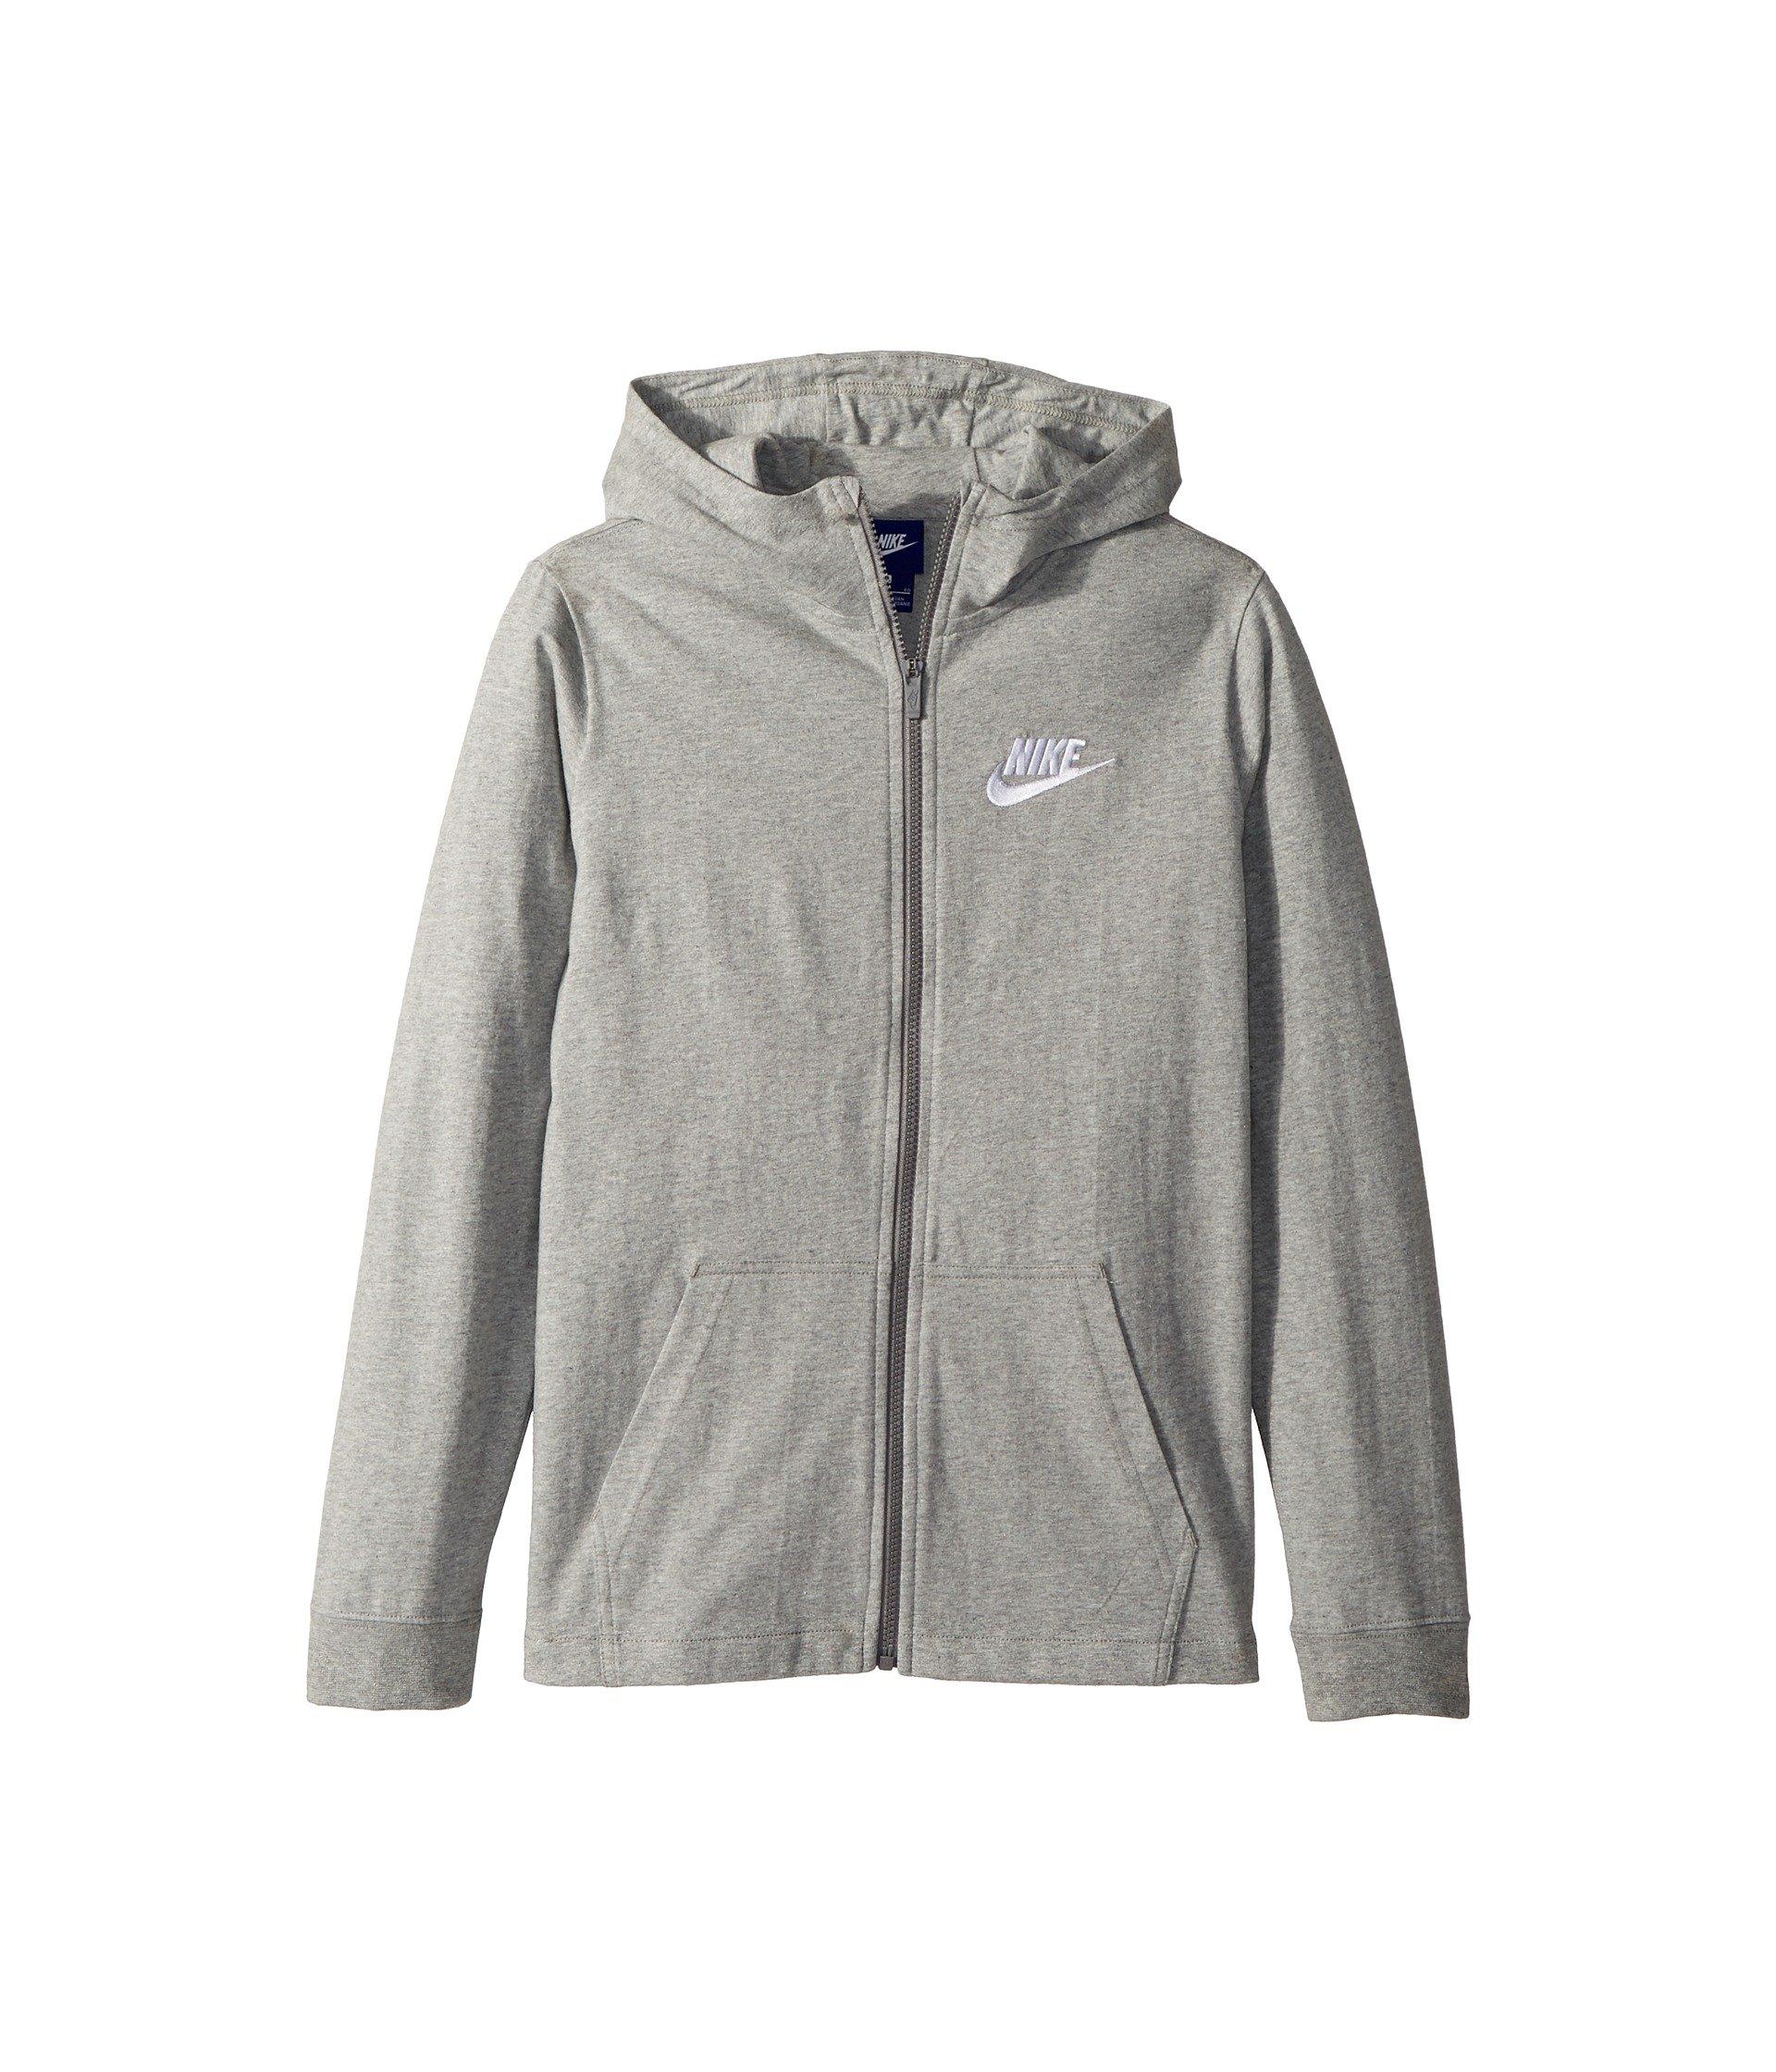 Nike Boy's Sportswear Full-Zip Hoodie (Gray, X-Large)